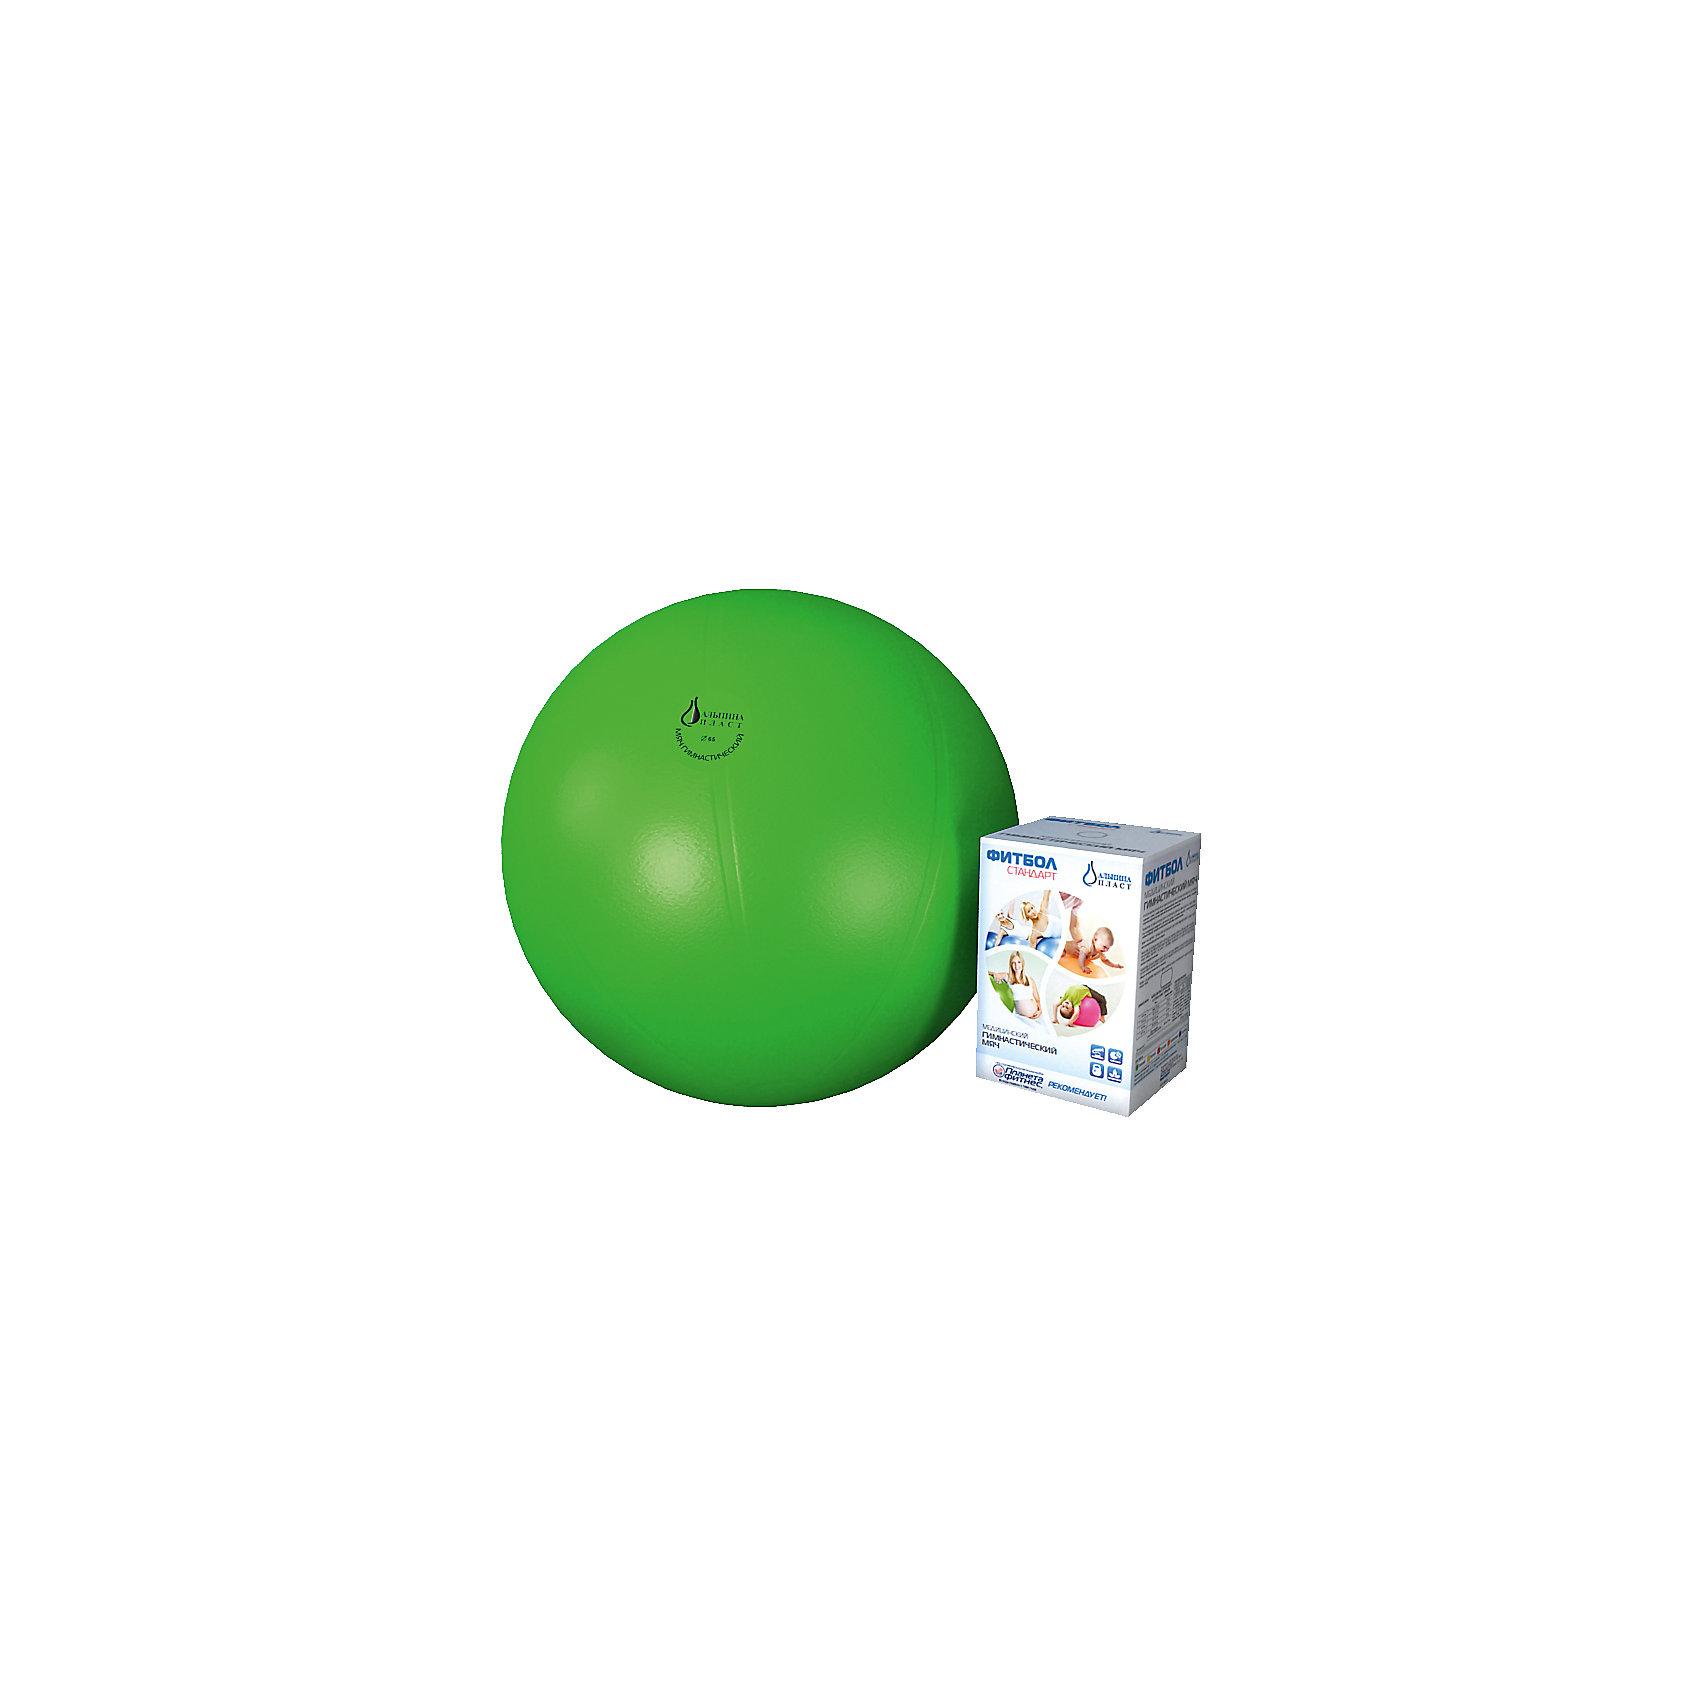 Фитбол Стандарт, зеленый, ?550 мм, Альпина ПластДиаметр гимнастического мяча-55 см.<br>Выдерживает нагрузку до 300 кг.,<br>снабжен системой антивзрыв,произведен из нетоксичного и гипоаллергенного ПВХ  (Италия) на немецком оборудовании оборудовании, безвредного для детей любого возраста.Во время гимнастики на фитболе сгорает больше килокалорий, чем при простой силовой тренировке, так как равномерно прорабатываются те группы мышц, которые обычно недоступны, особенно мышцы брюшного пресса и спины. Мяч очень легкий и компактный, надувается насосом в считанные минуты.<br>Идеально подходит для занятий с детьми с 4-месячного возраста с целью формирования правильных рефлексов и развития координации движения. <br>Фитбол предназначен для занятий спортивной и лечебной гимнастикой,развития и укрепления мышц спины, рук, живота и ног,формирования правильной осанки,игр и отдыха.Продукт сертифицирован как изделие медицинского назначения и соответствует требованиям ТУ 9398-011-17707123-2010.<br>Регистрационное удостоверение № ФСР 2010/09426 от 13.12.10<br><br>Ширина мм: 180<br>Глубина мм: 160<br>Высота мм: 270<br>Вес г: 1090<br>Возраст от месяцев: 4<br>Возраст до месяцев: 192<br>Пол: Унисекс<br>Возраст: Детский<br>SKU: 5510691